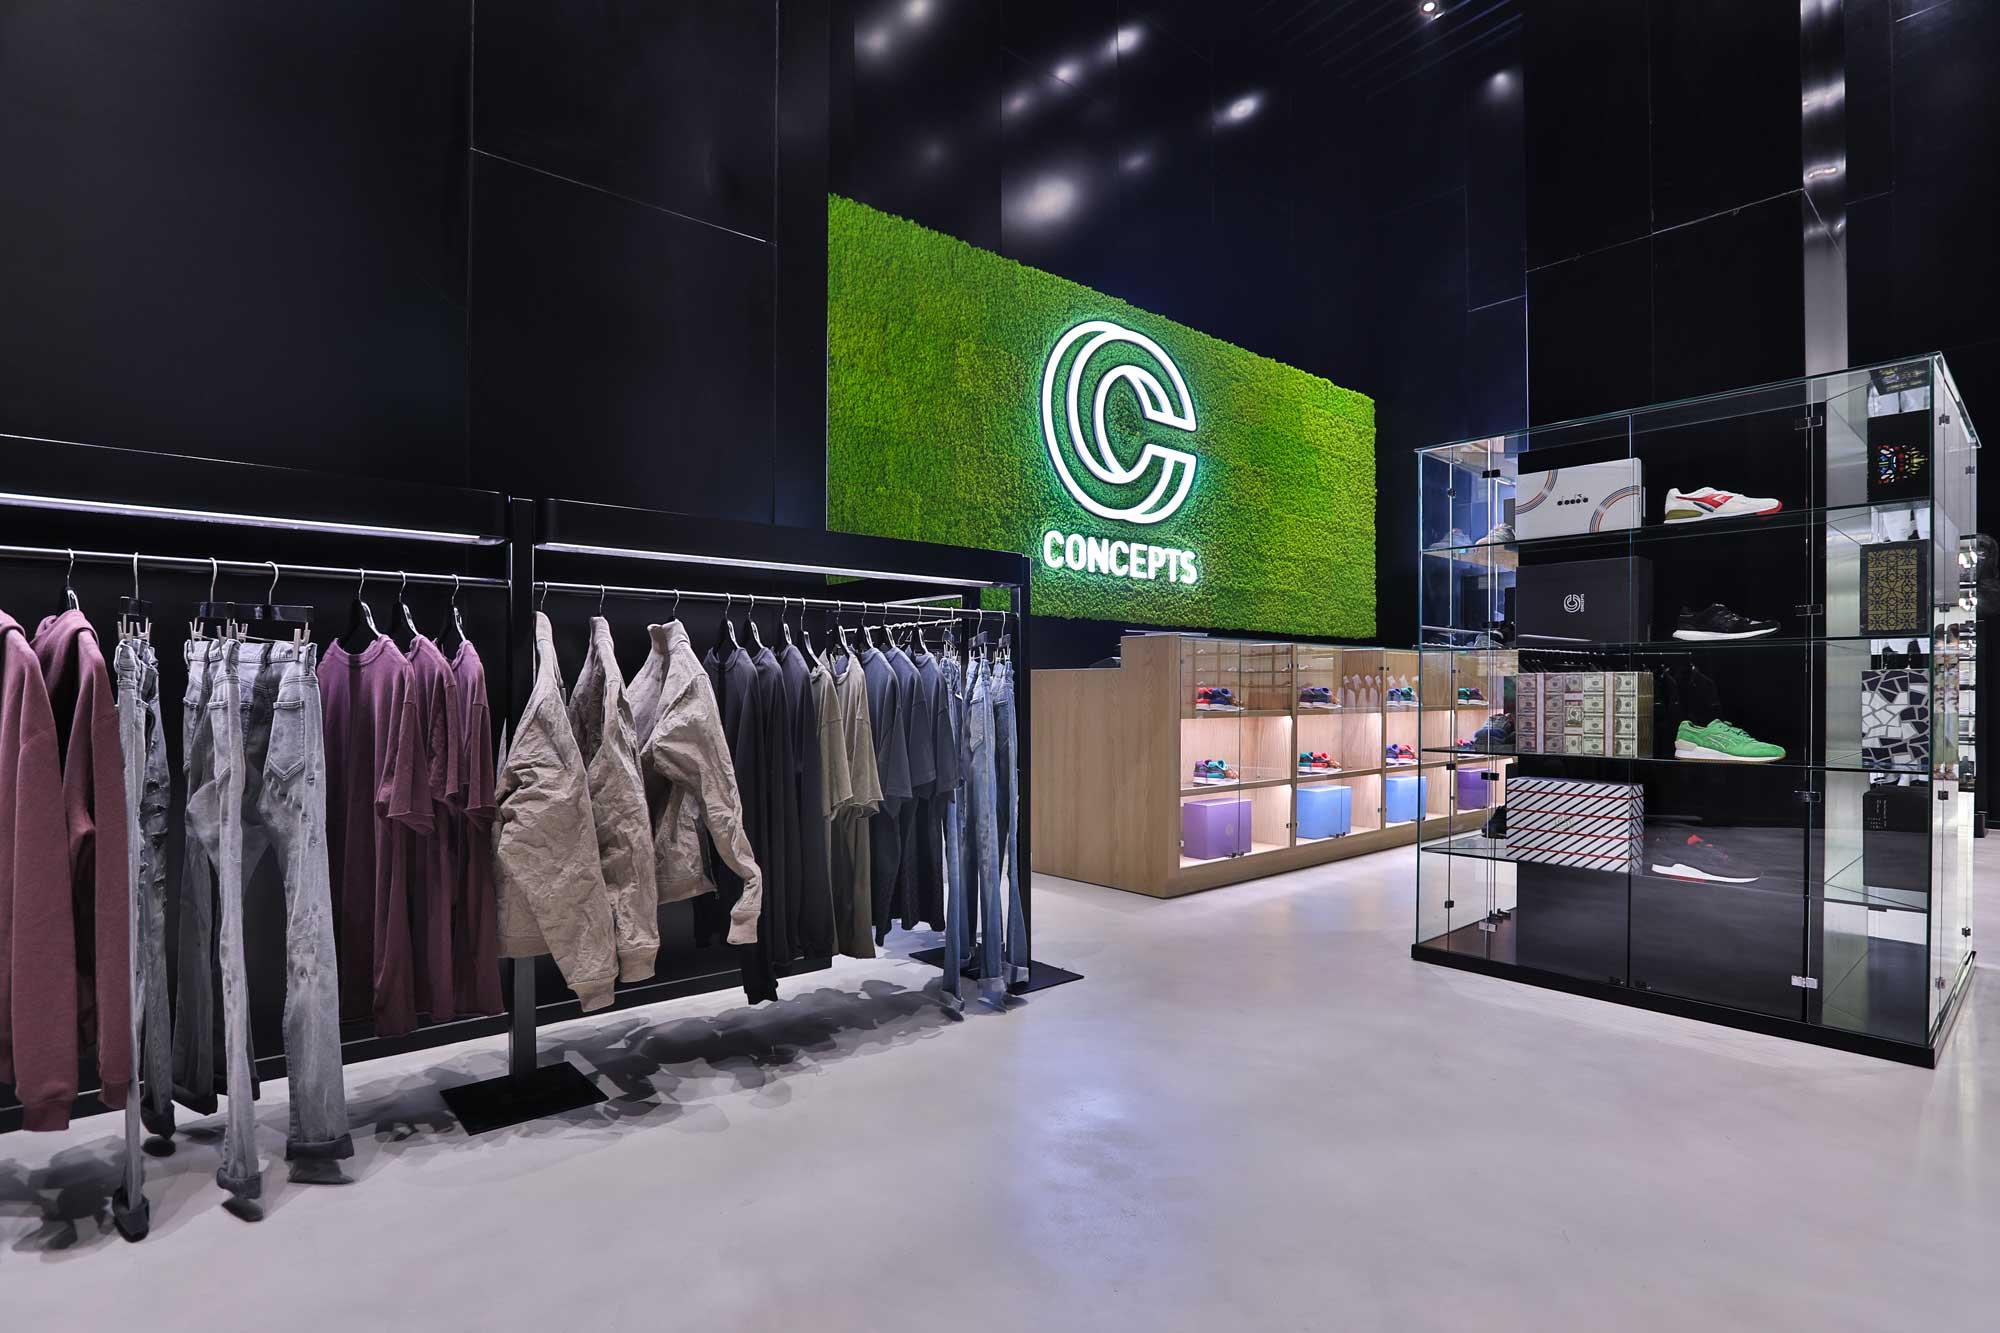 Concepts Dubai Sneaker Store   Sole Collector